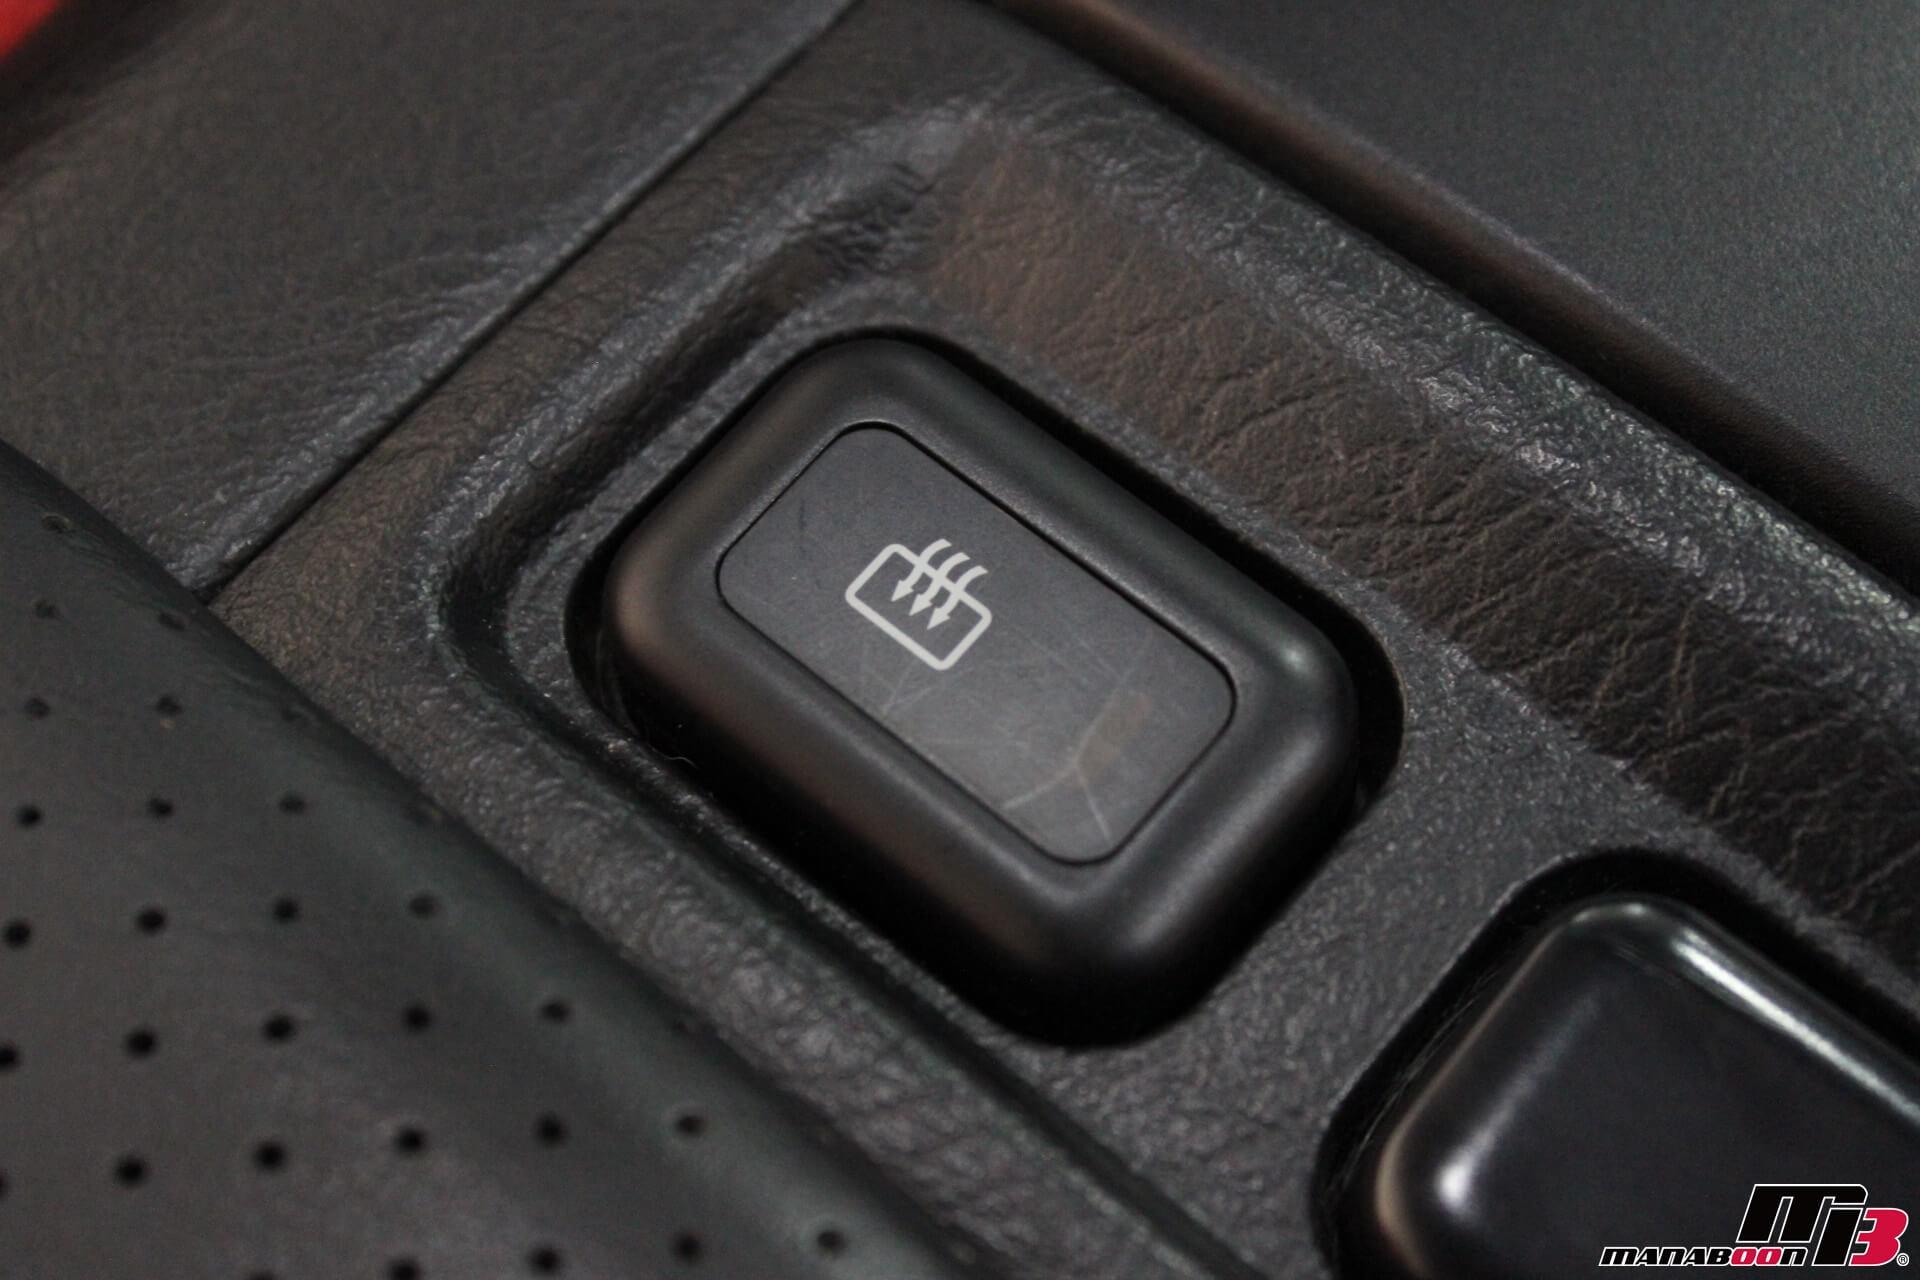 S2000ガラス幌熱線ボタン画像